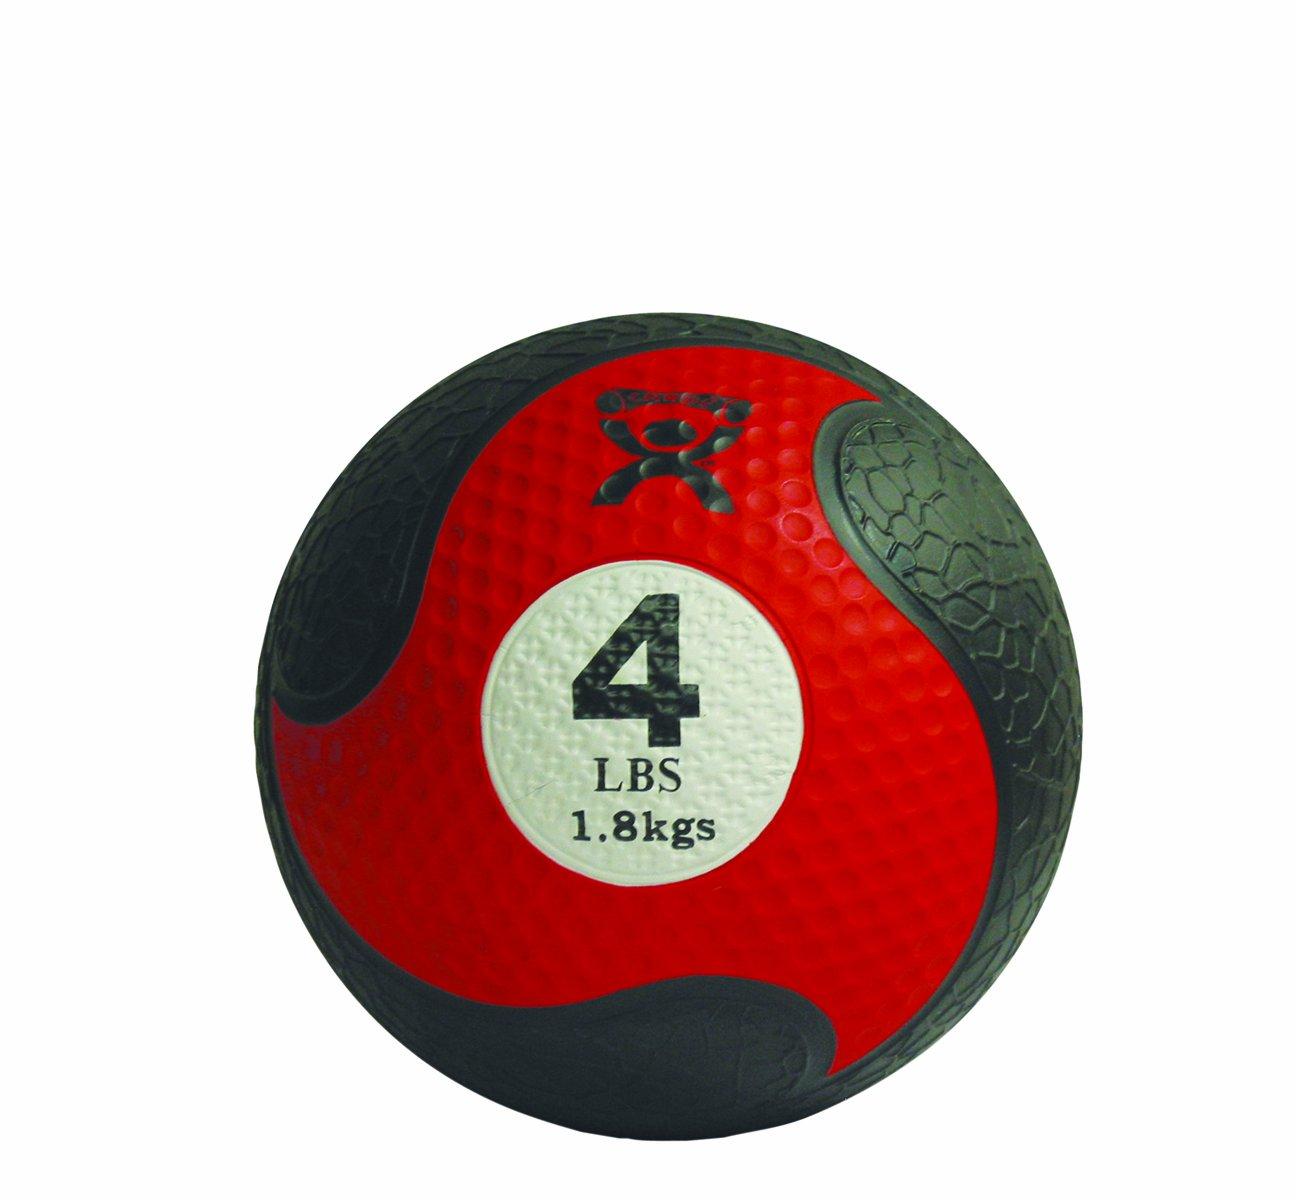 CanDo Rubber Medicine Ball, Red